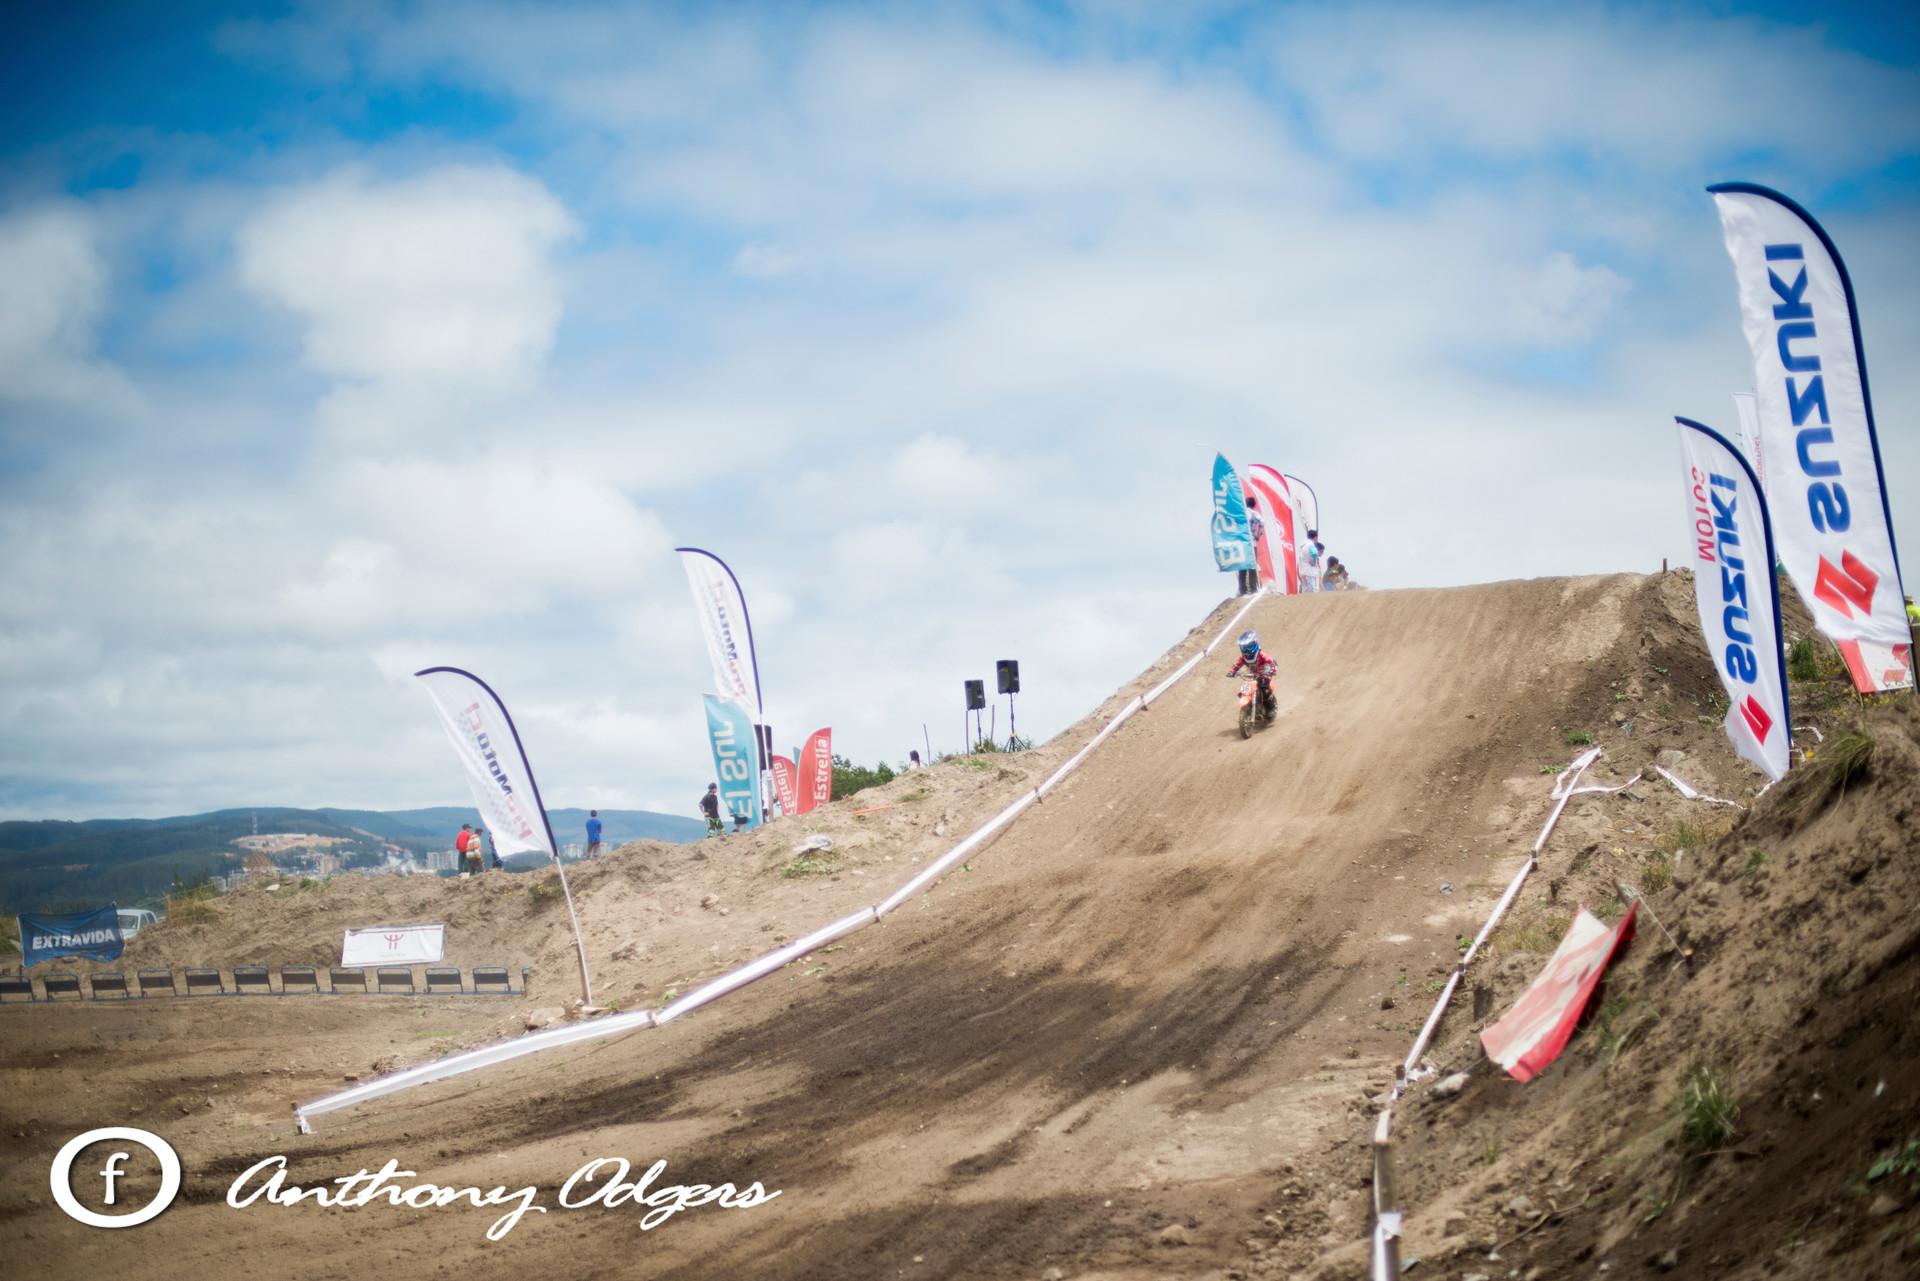 2013-01-06-Motocross Enduro-40.jpg